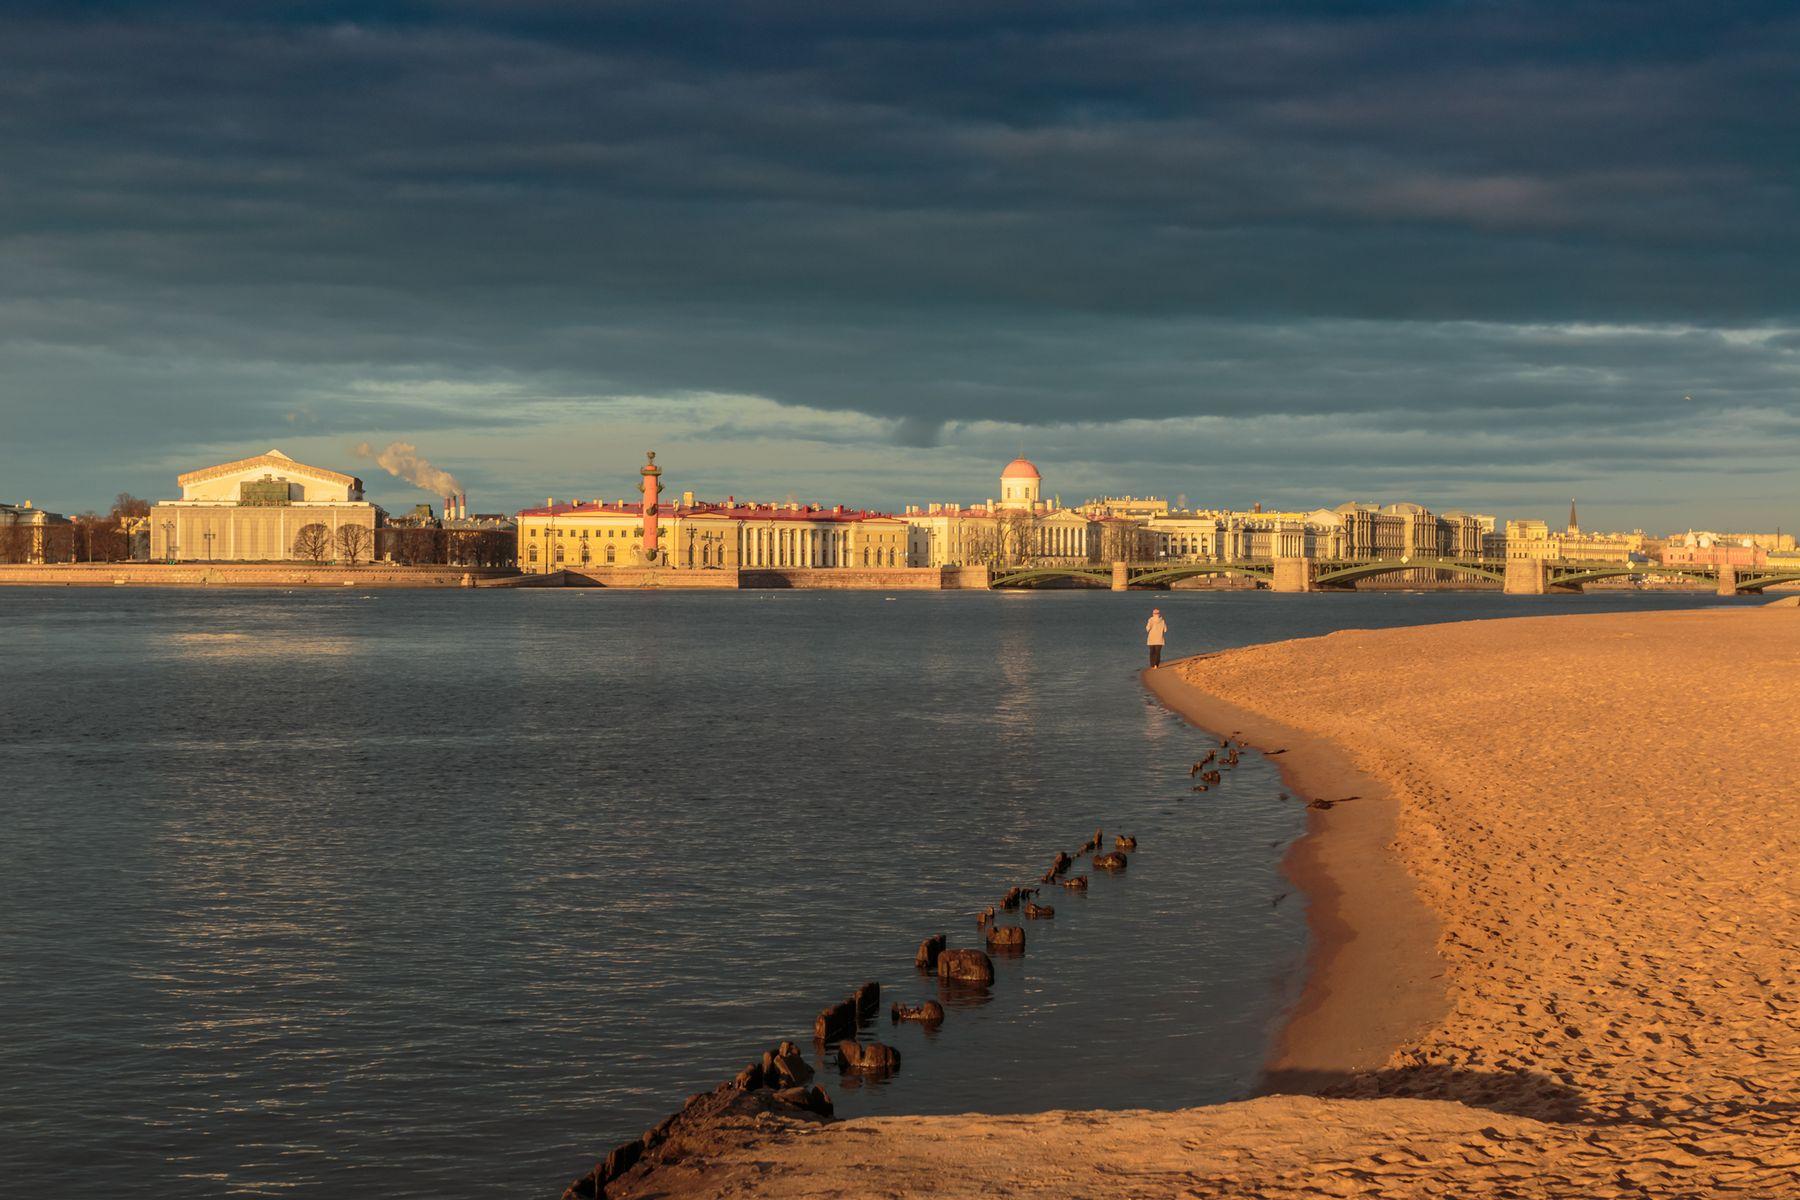 В смысловом центре Санкт-Петербург утро река песок Нева облака